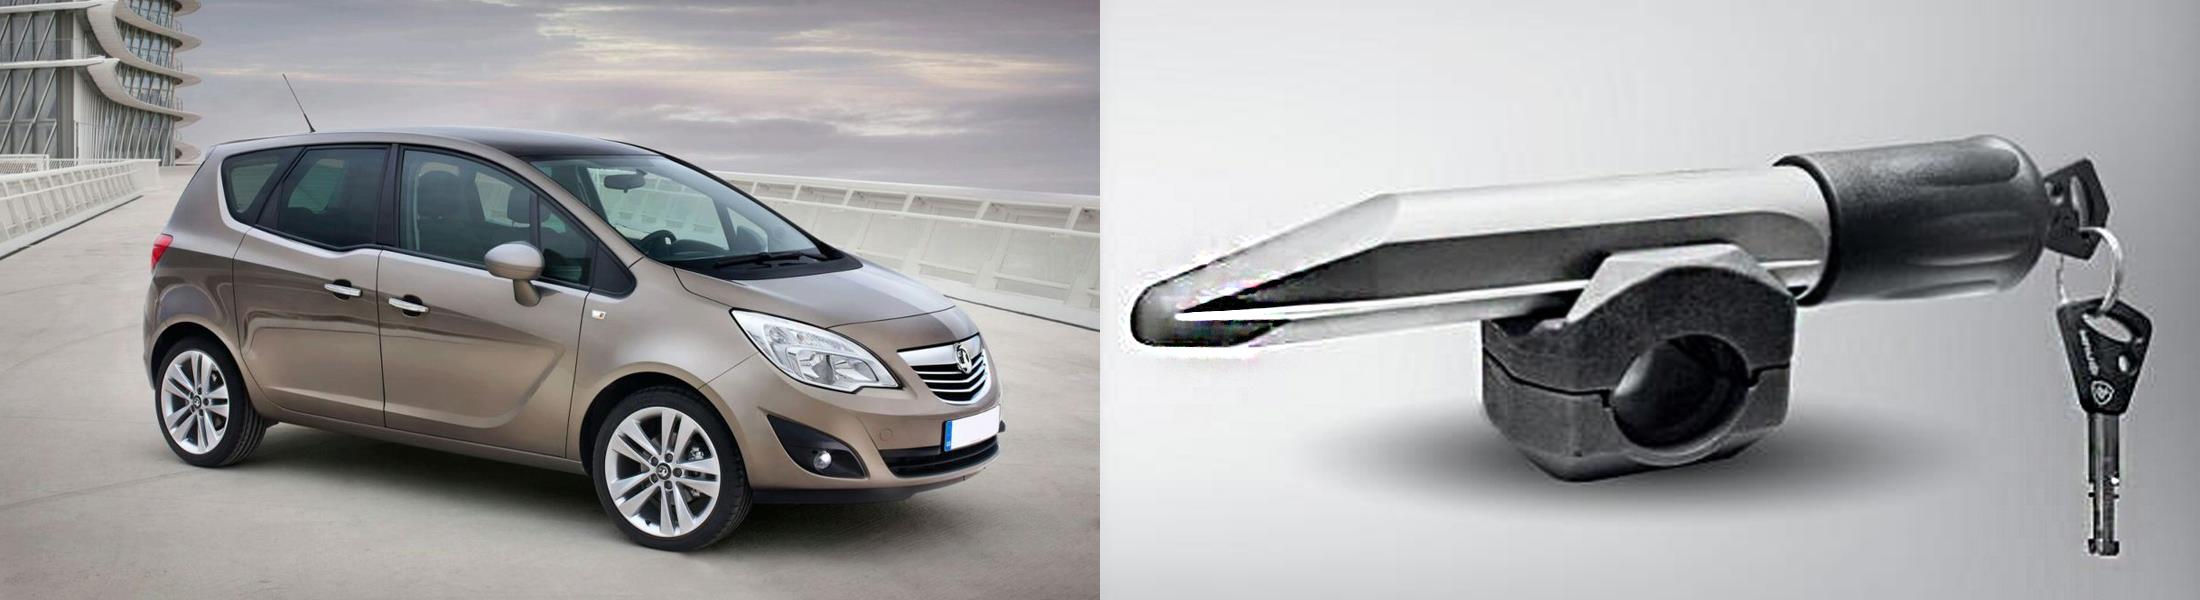 Opel Meriva /2011-/Гур, Гарант Блок Люкс 034.E